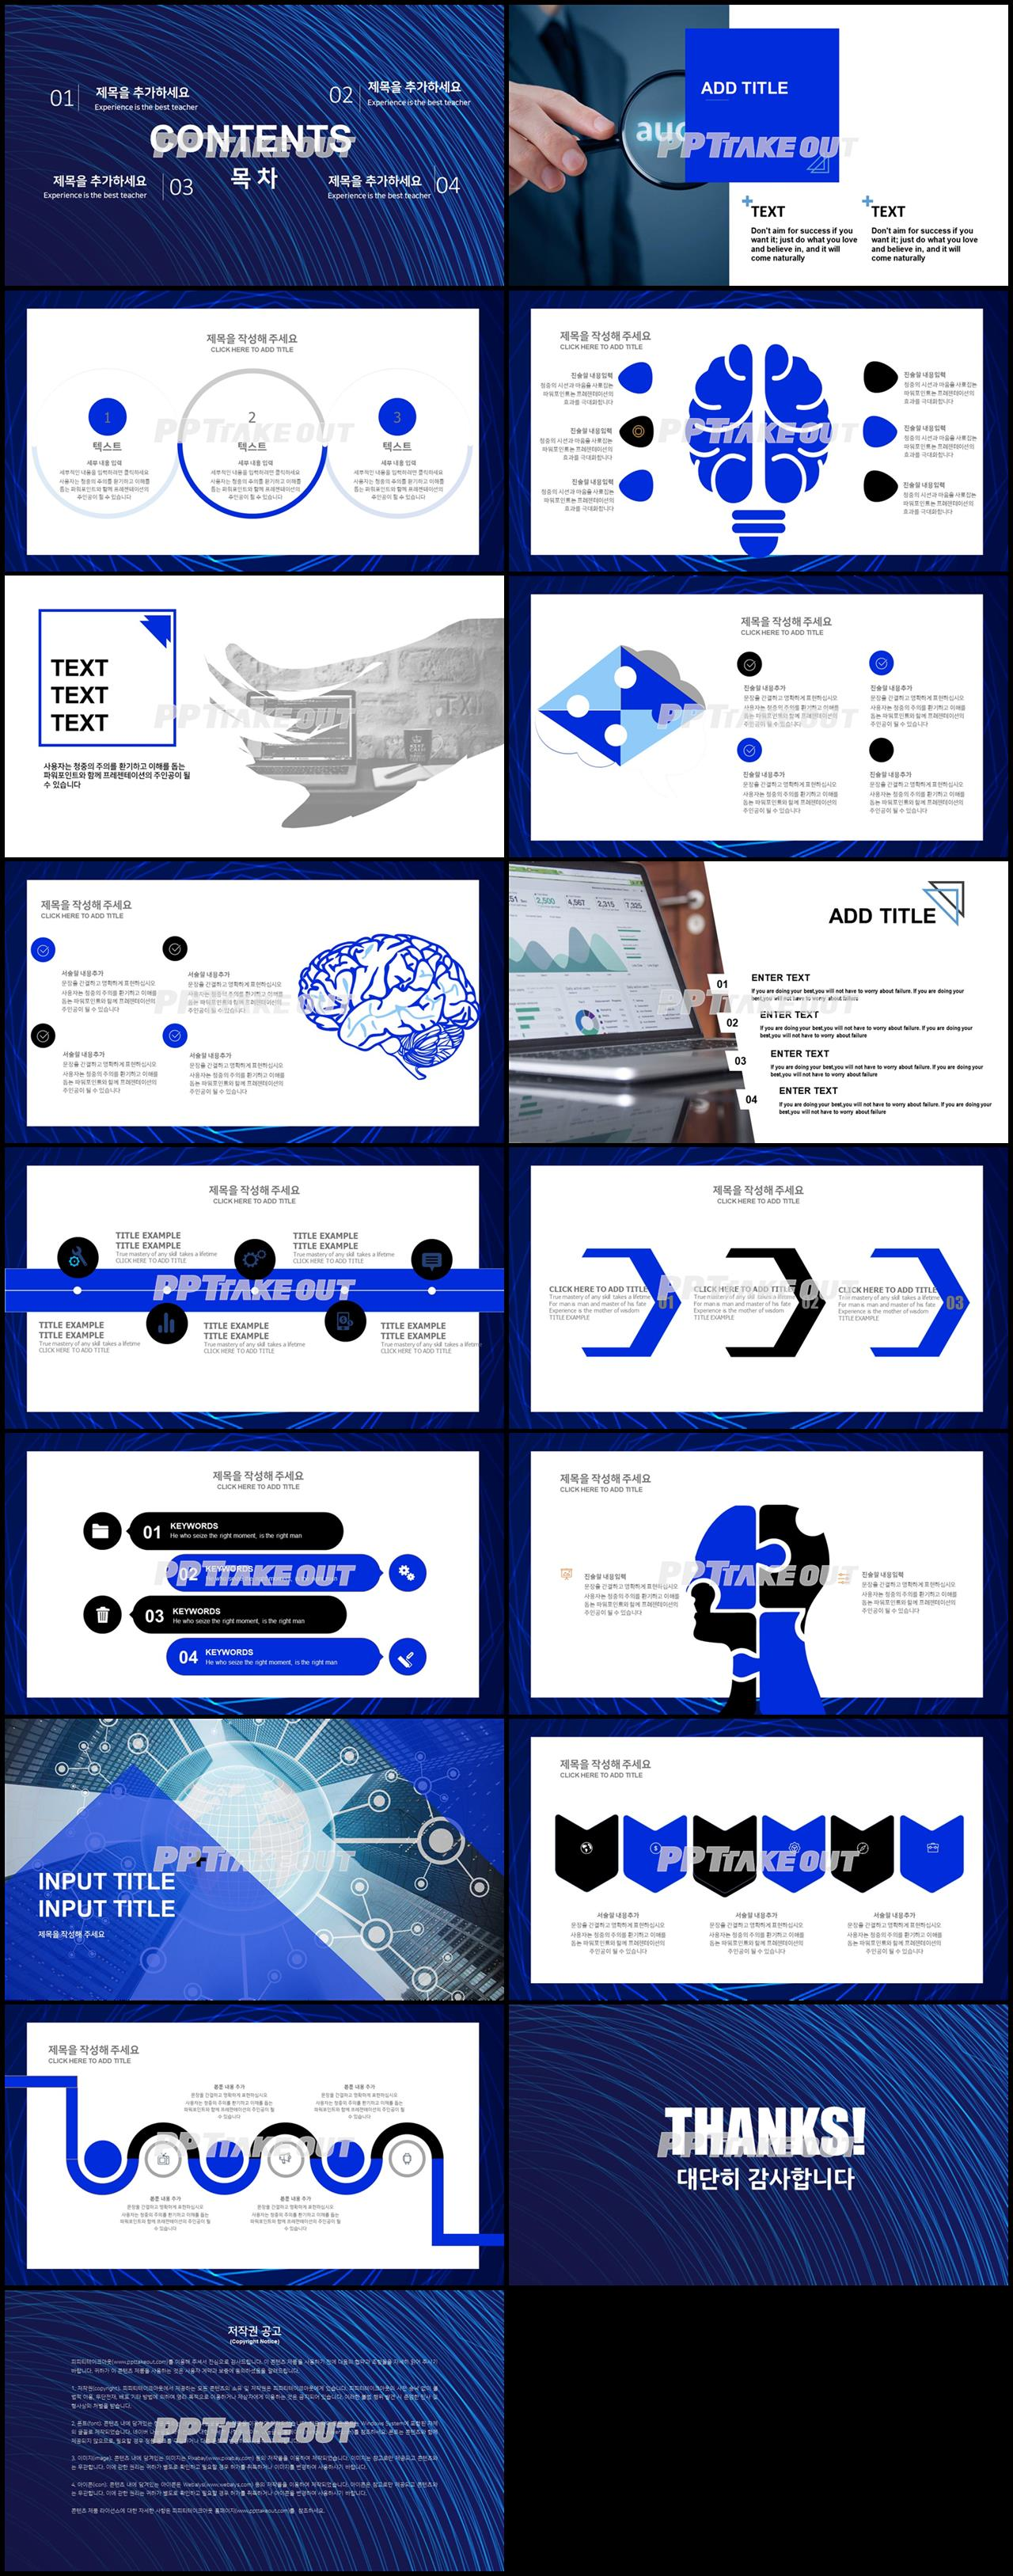 비즈니스 하늘색 시크한 고급형 POWERPOINT샘플 디자인 상세보기